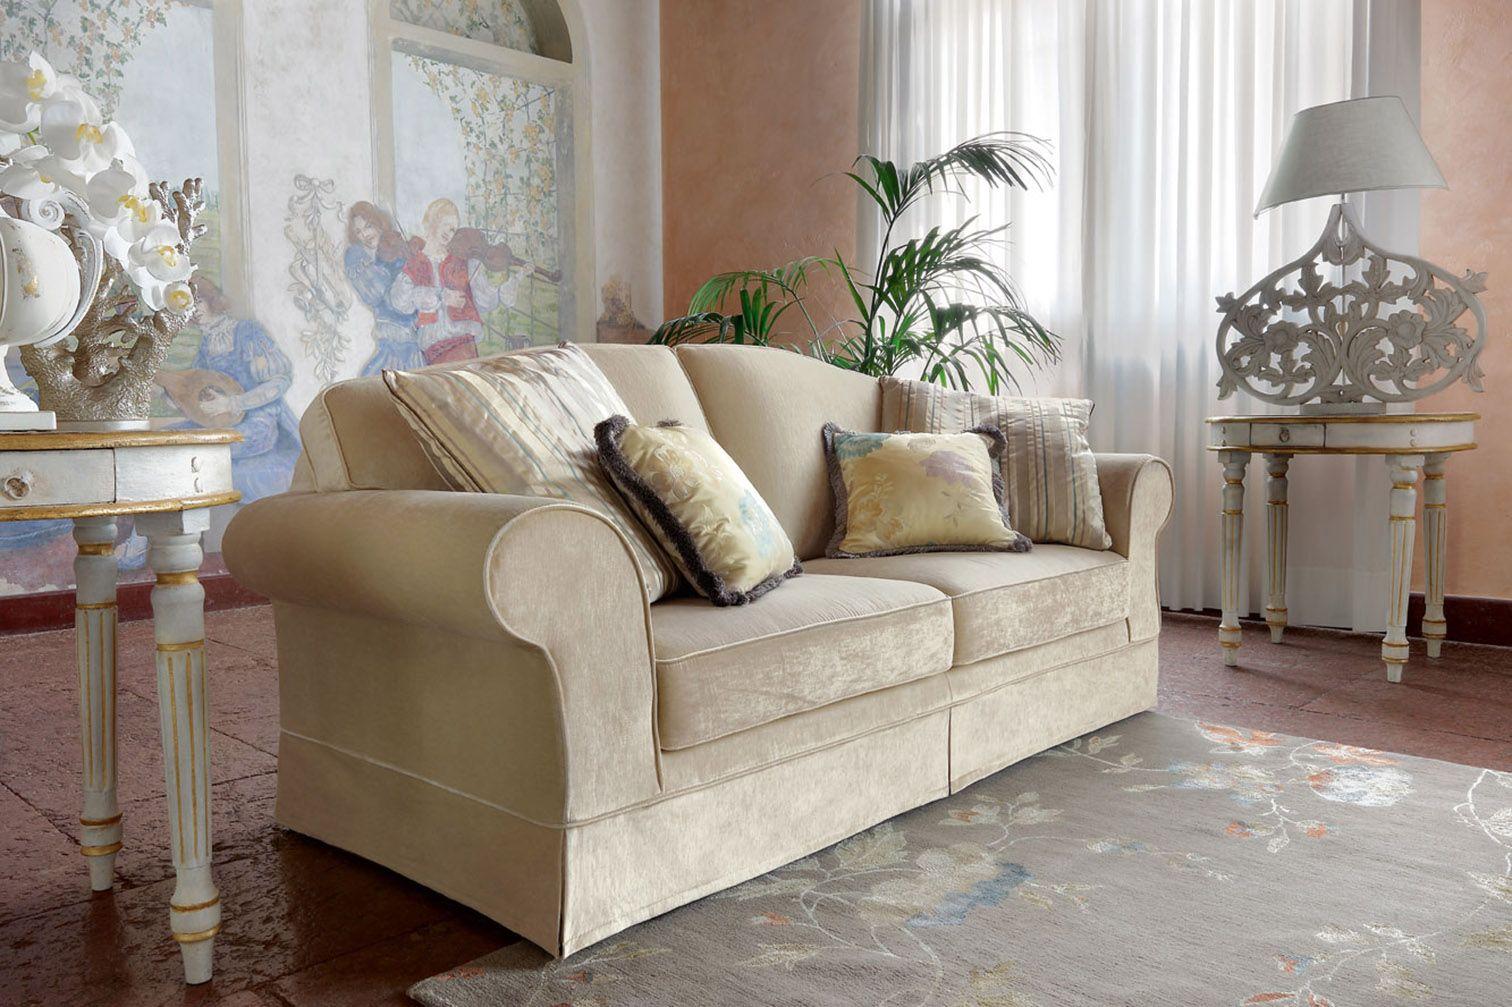 Pegaso di ditre divano 2 posti lunghezza cm 178 profondit for Altezza divano